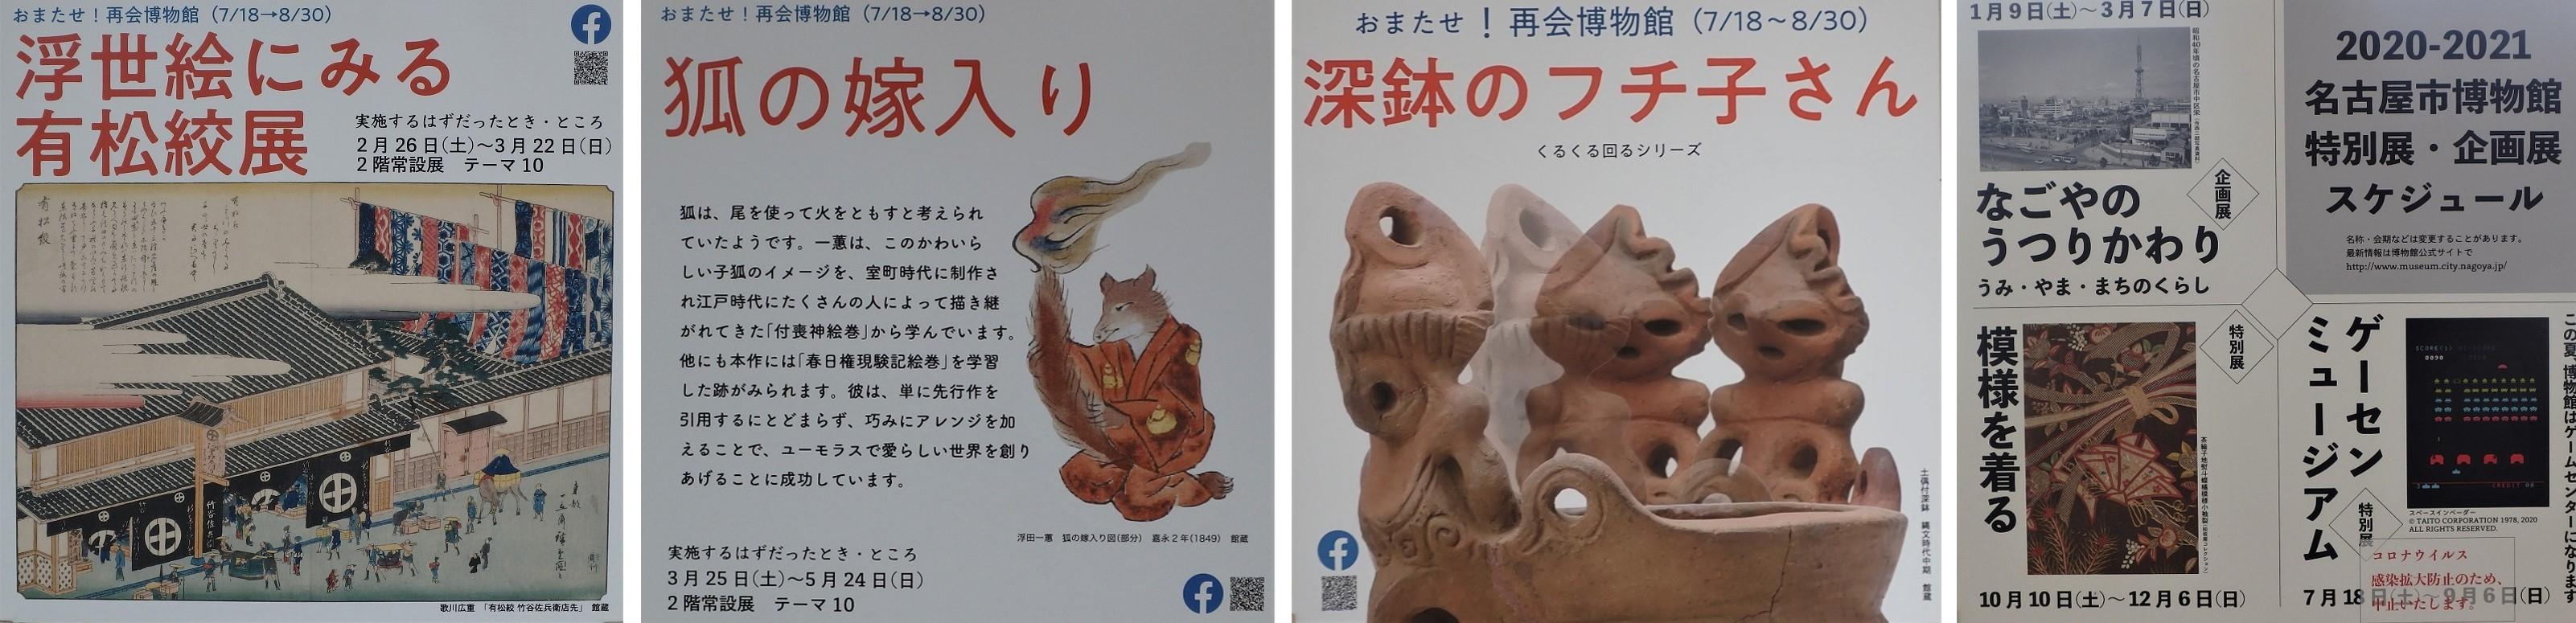 名古屋市博物館展示2020